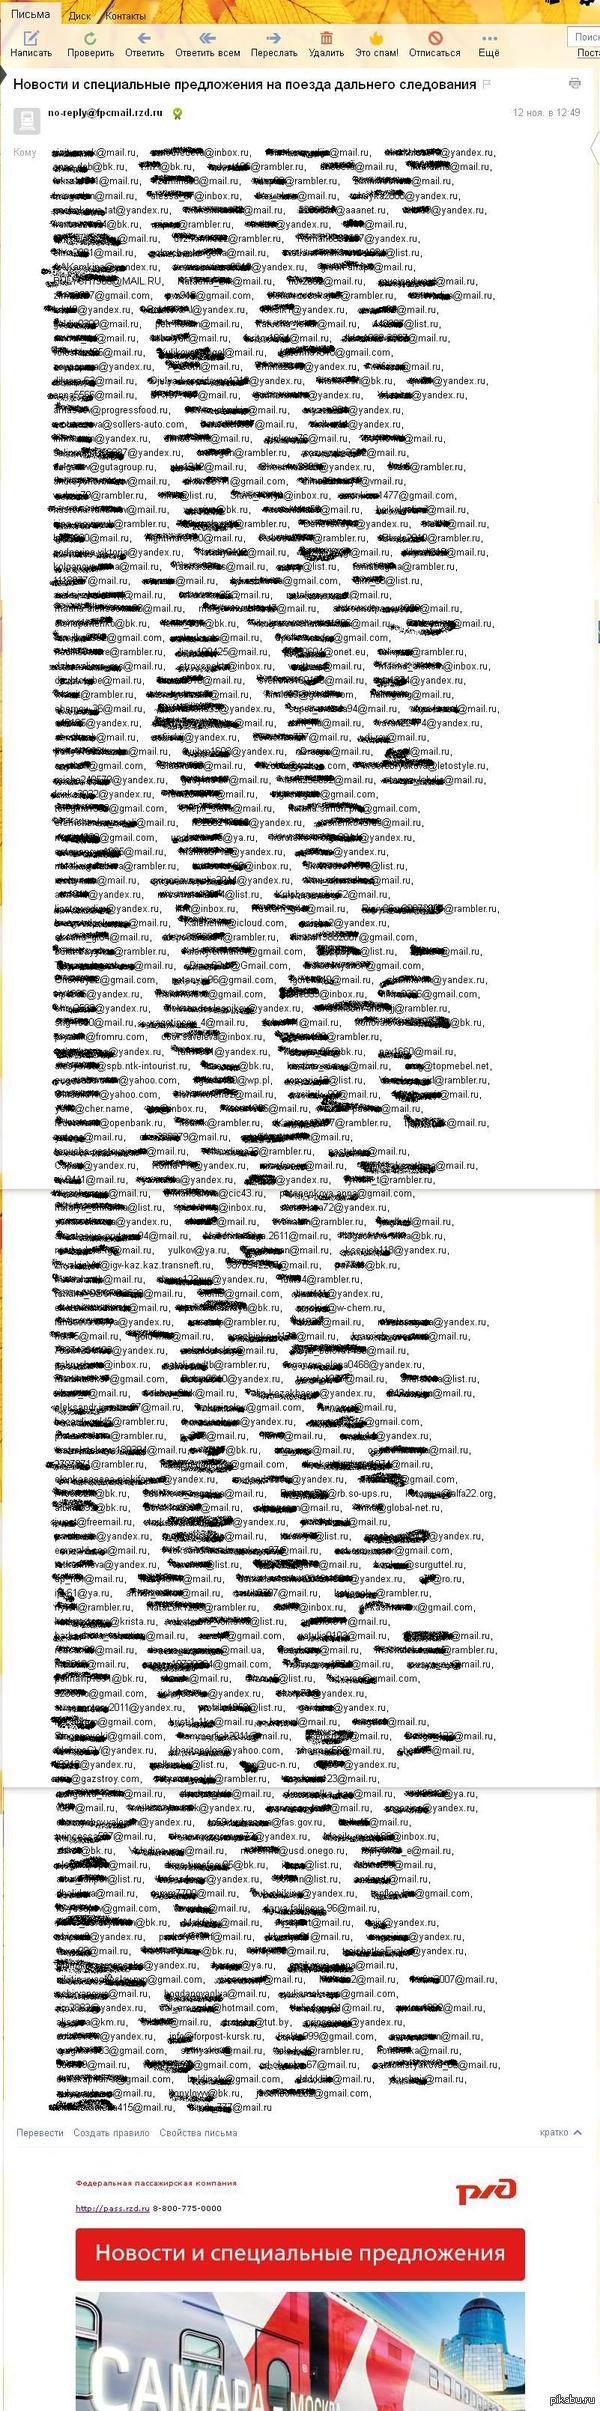 Особенности спам-рассылок от РЖД